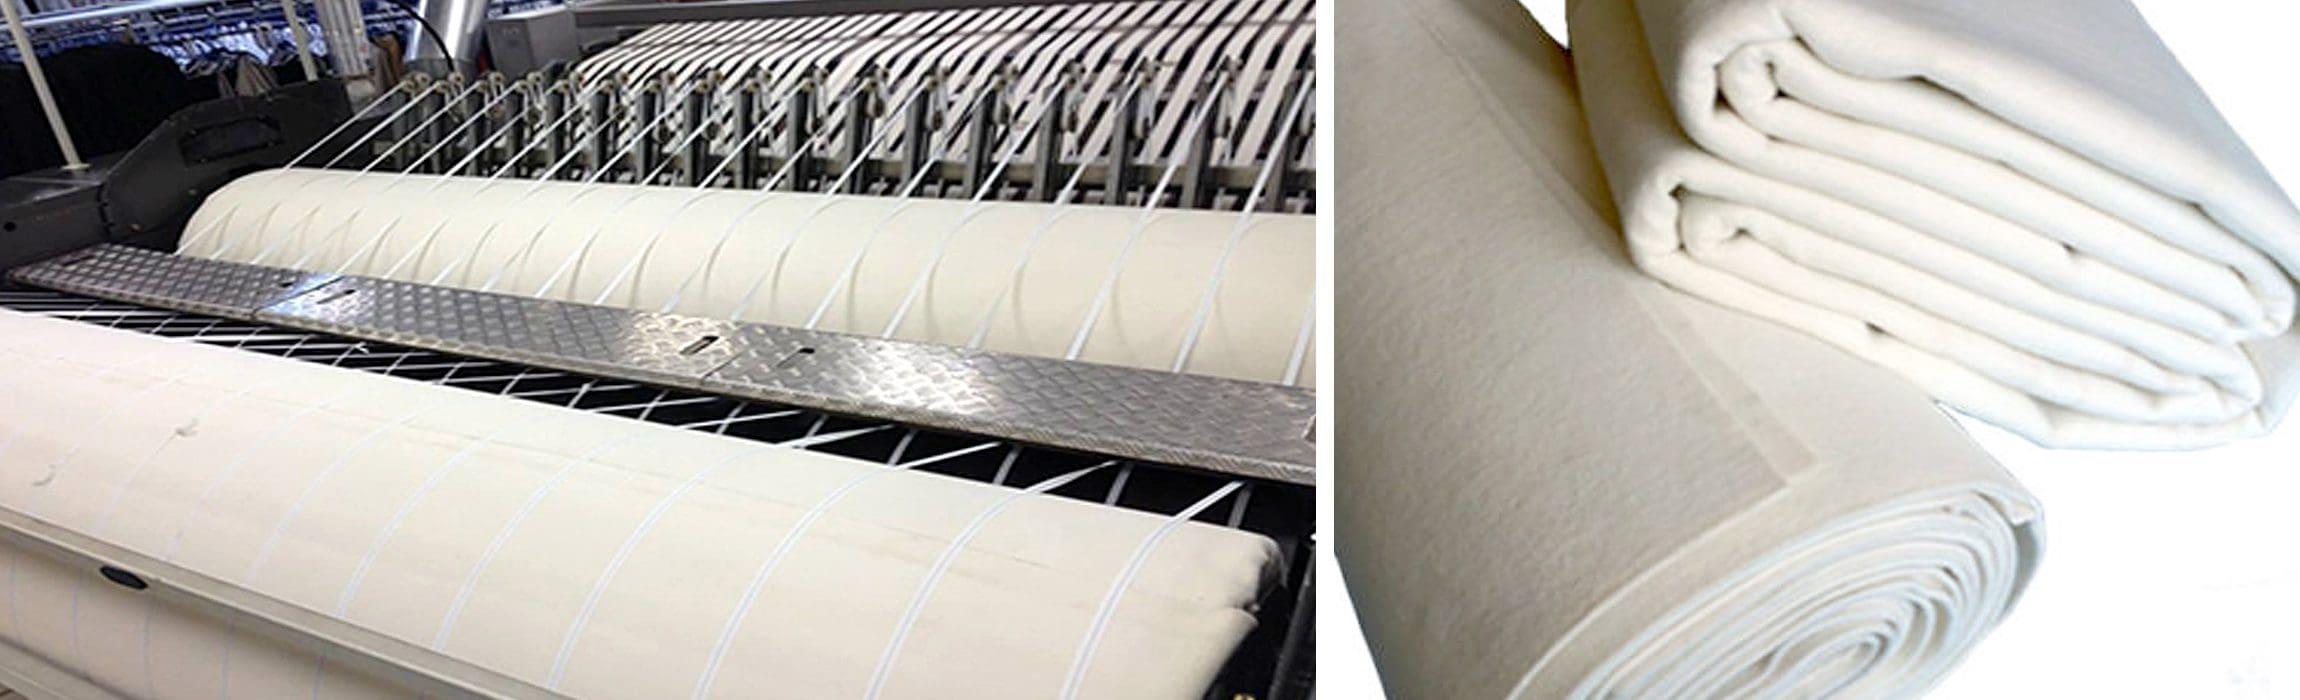 ผ้าสักหลาดเครื่องรีดผ้าอุตสาหกรรม Severnside Fabrics - heading